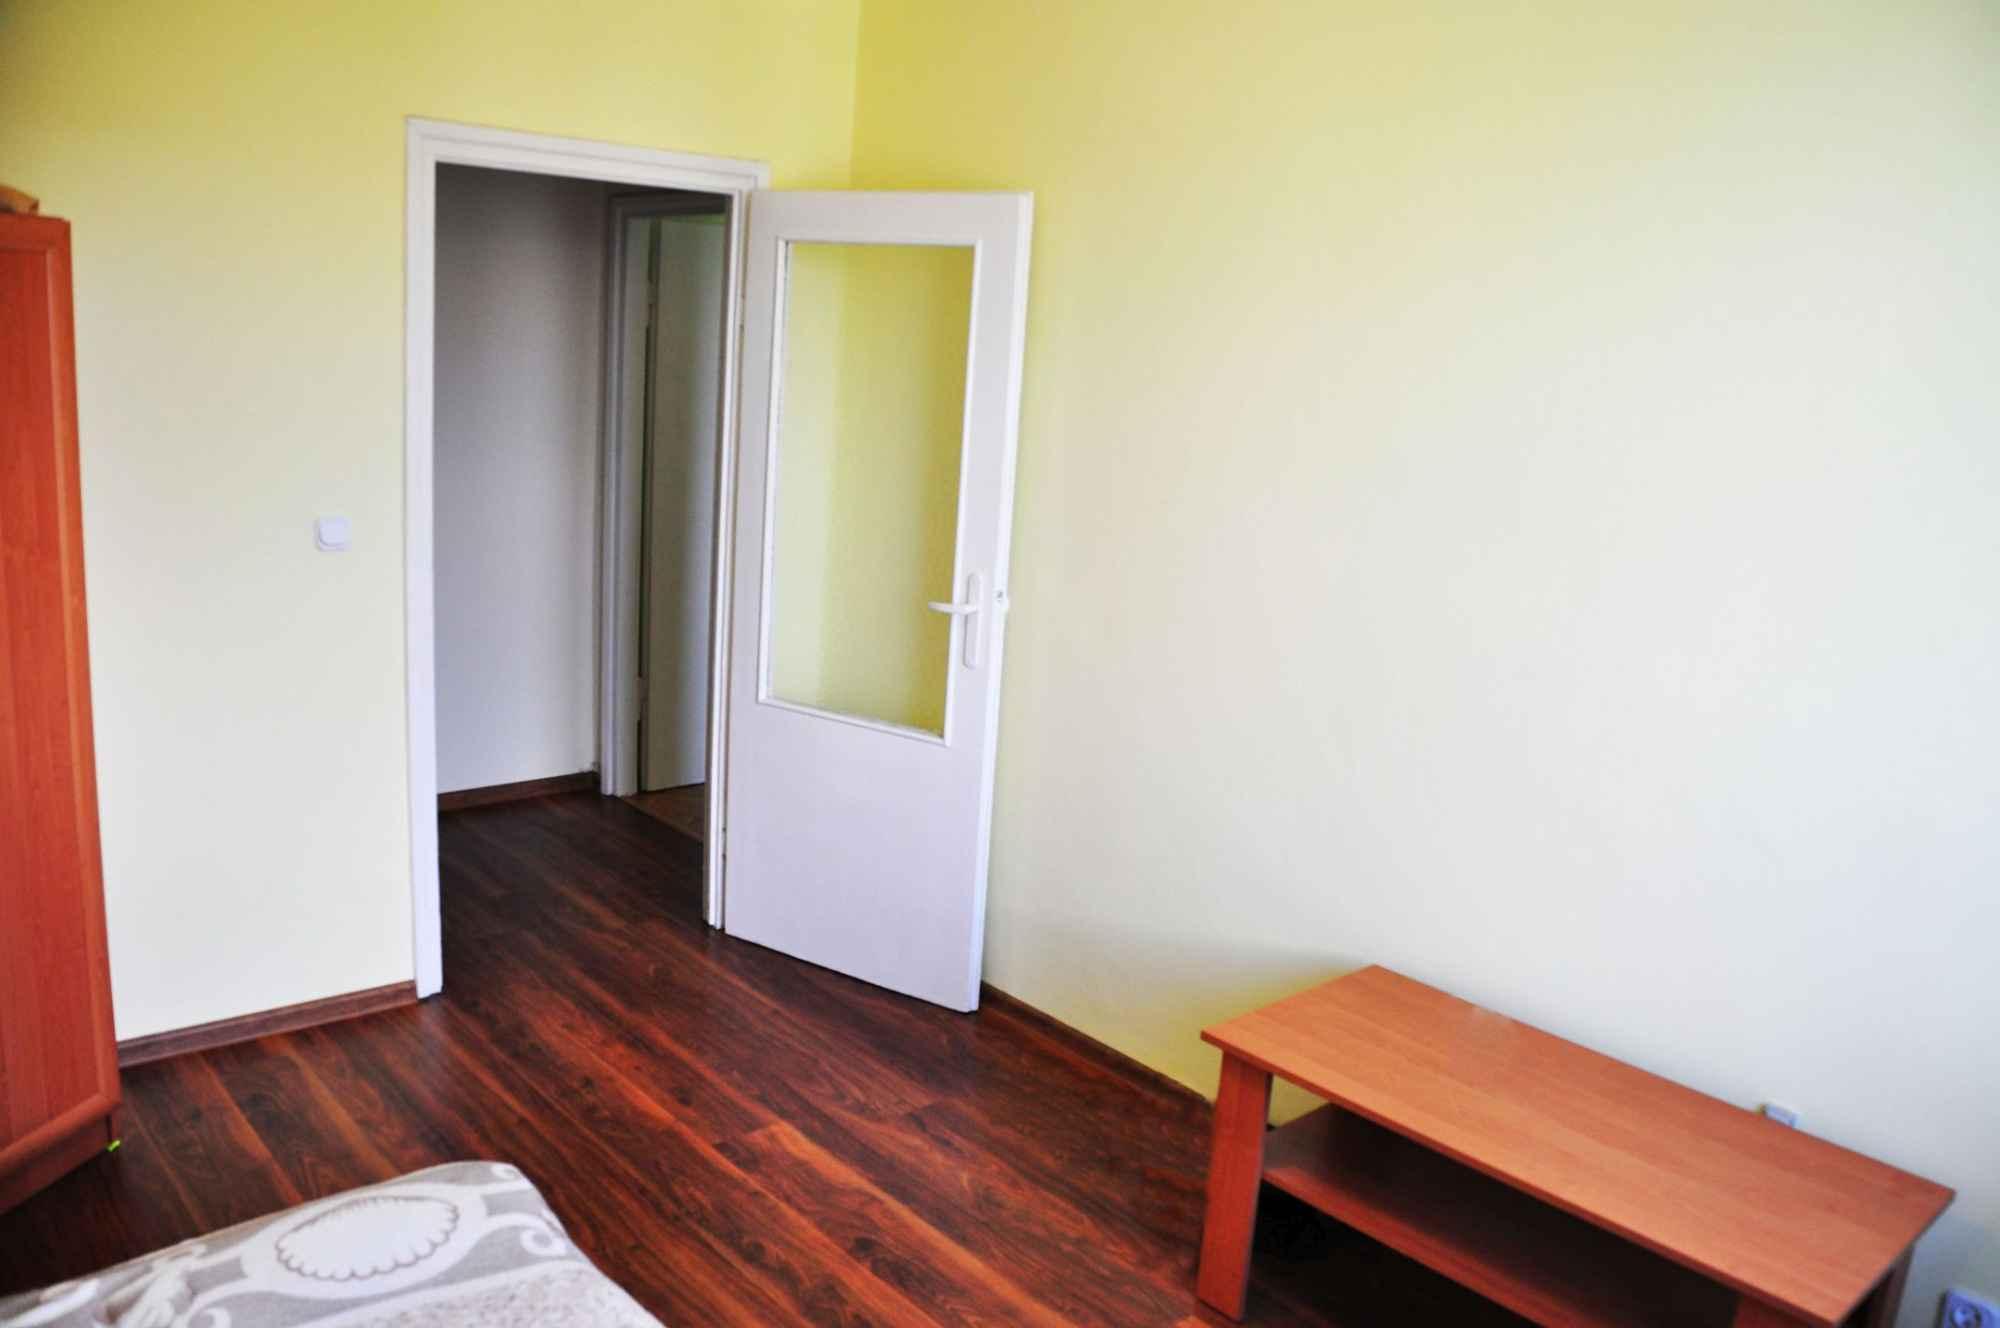 Mieszkanie Poznań Grunwald - ciche miejsce, dobra komunikacja. Grunwald - zdjęcie 3